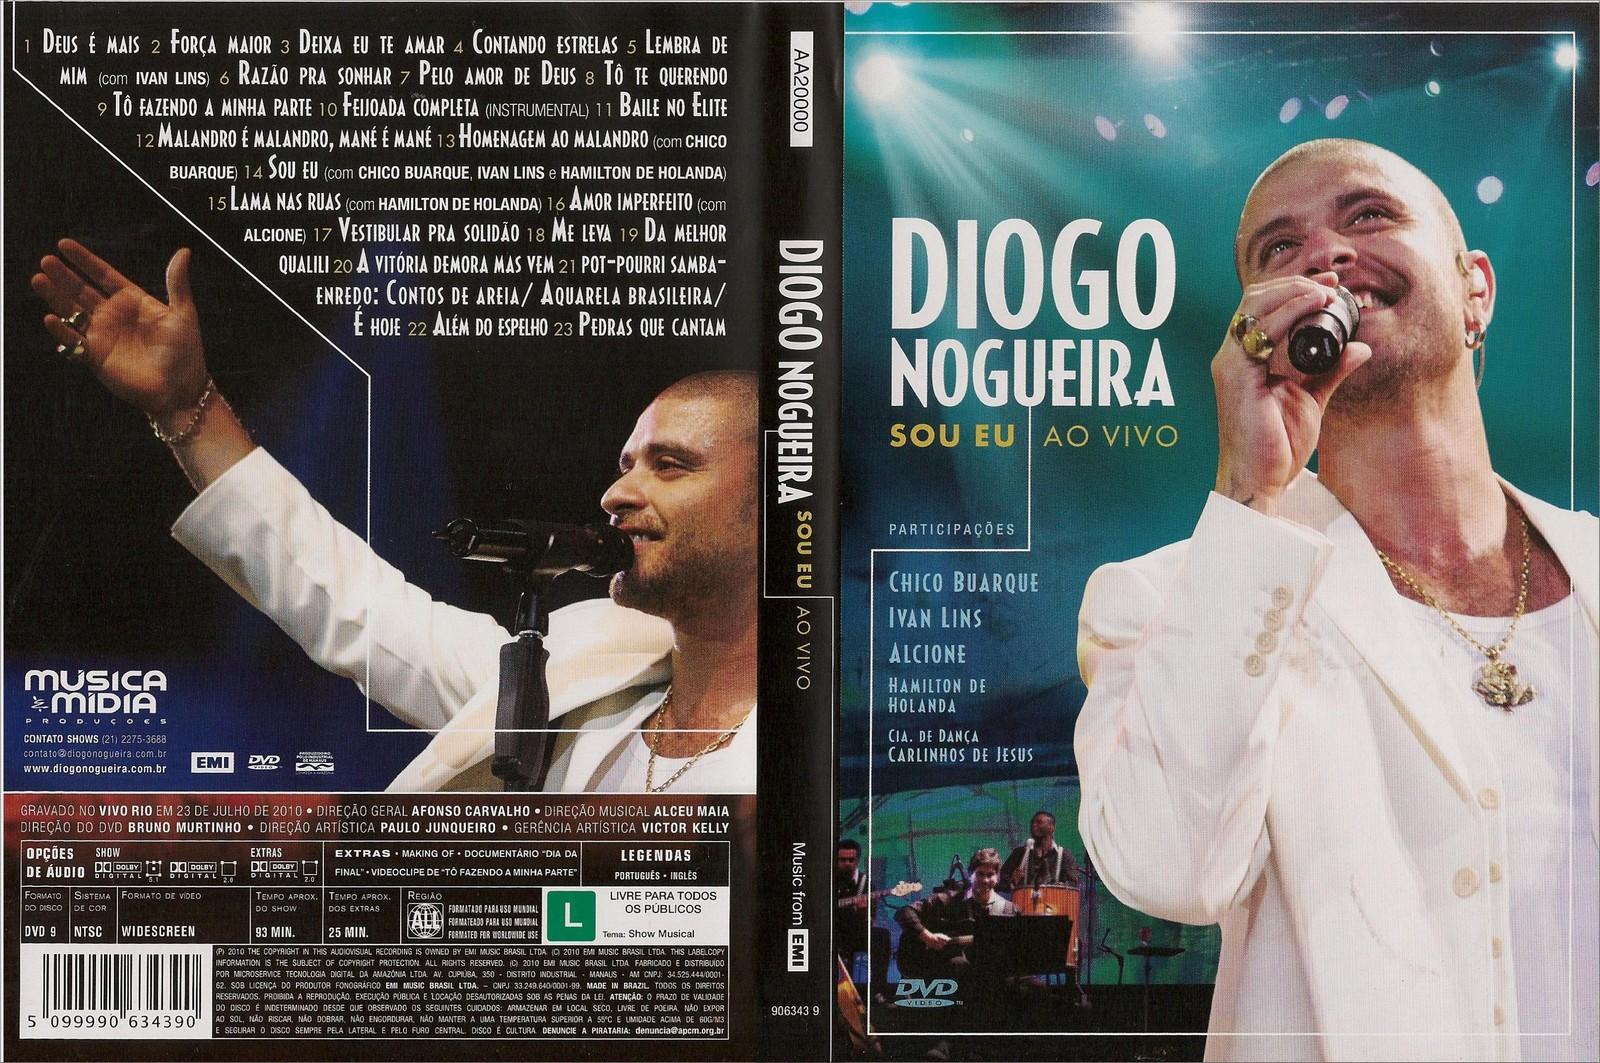 dvd diogo nogueira sou eu 2010